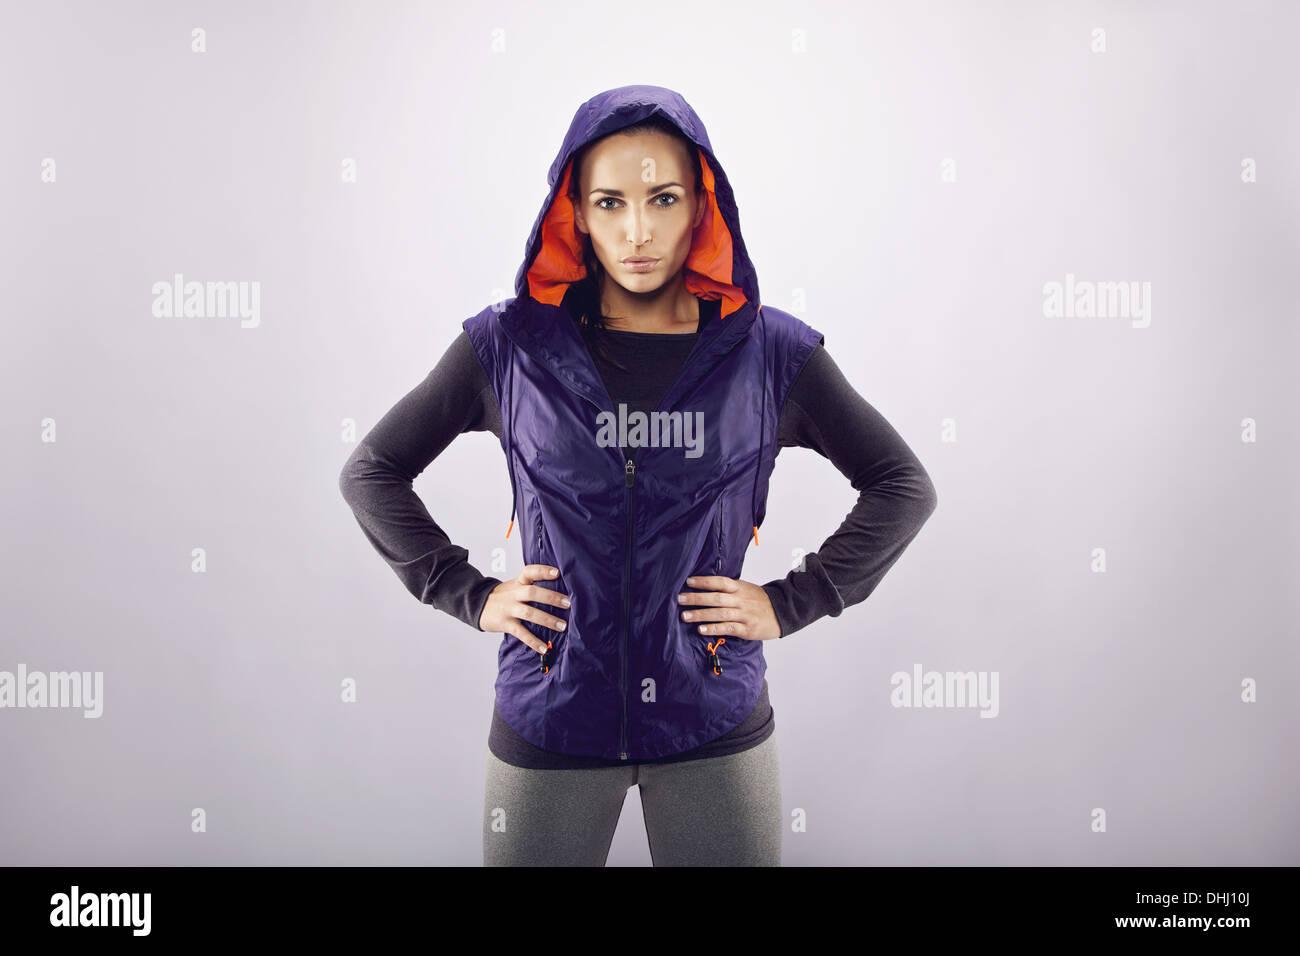 Porträt von zuversichtlich Sportlerin stehend mit den Händen auf den Hüften vor grauem Hintergrund mit Exemplar. Stockfoto